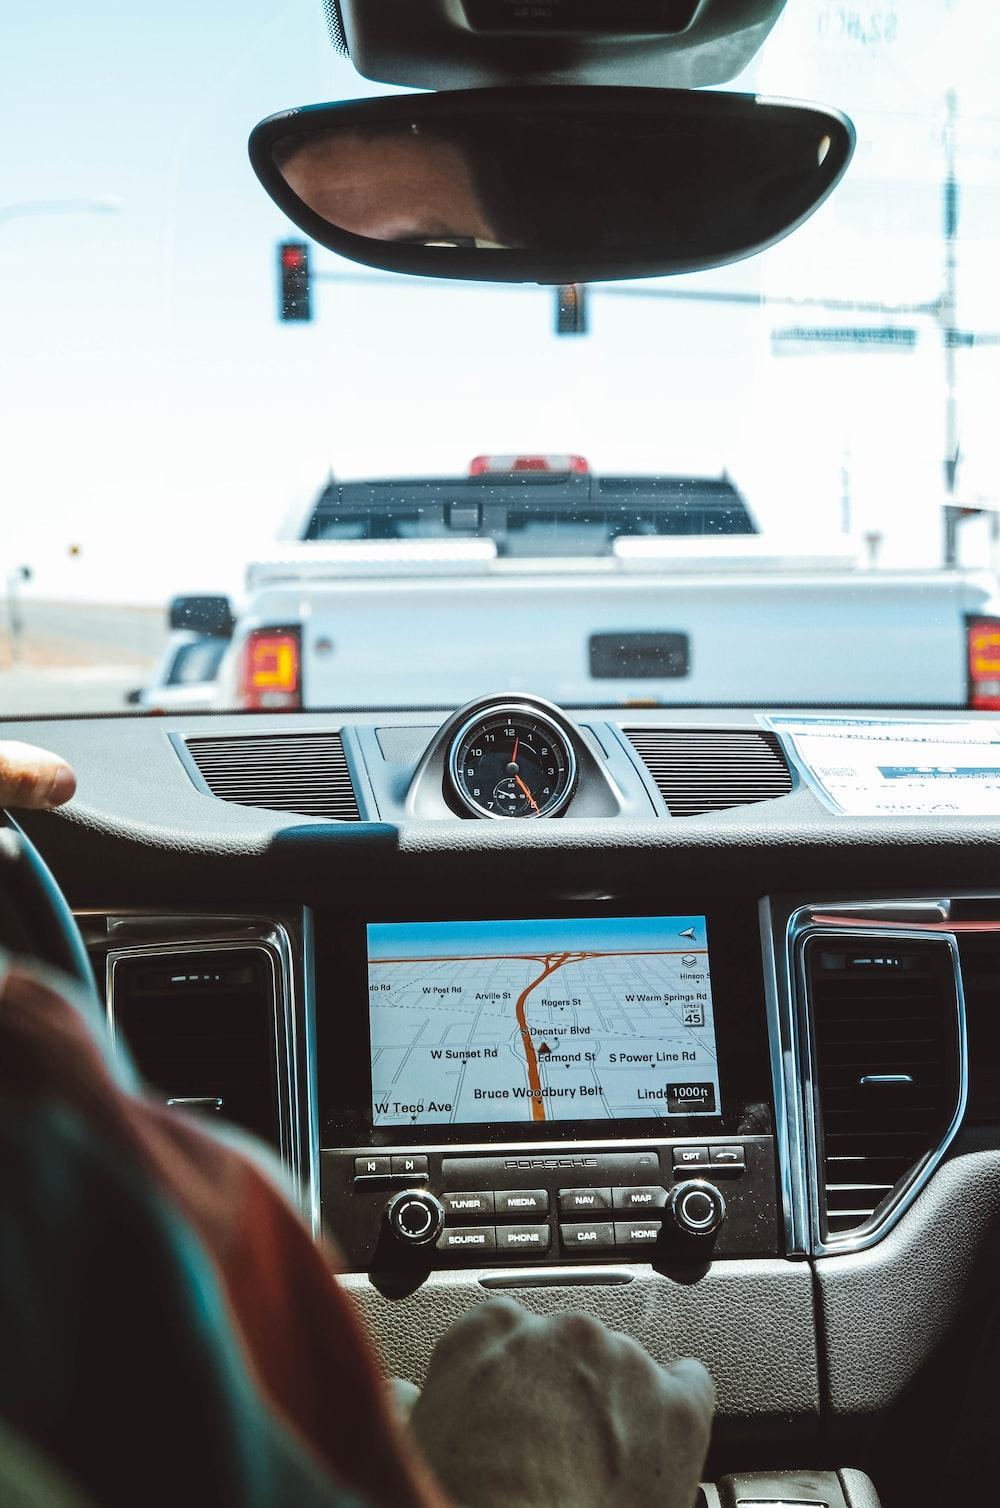 black GPS navigator turned on